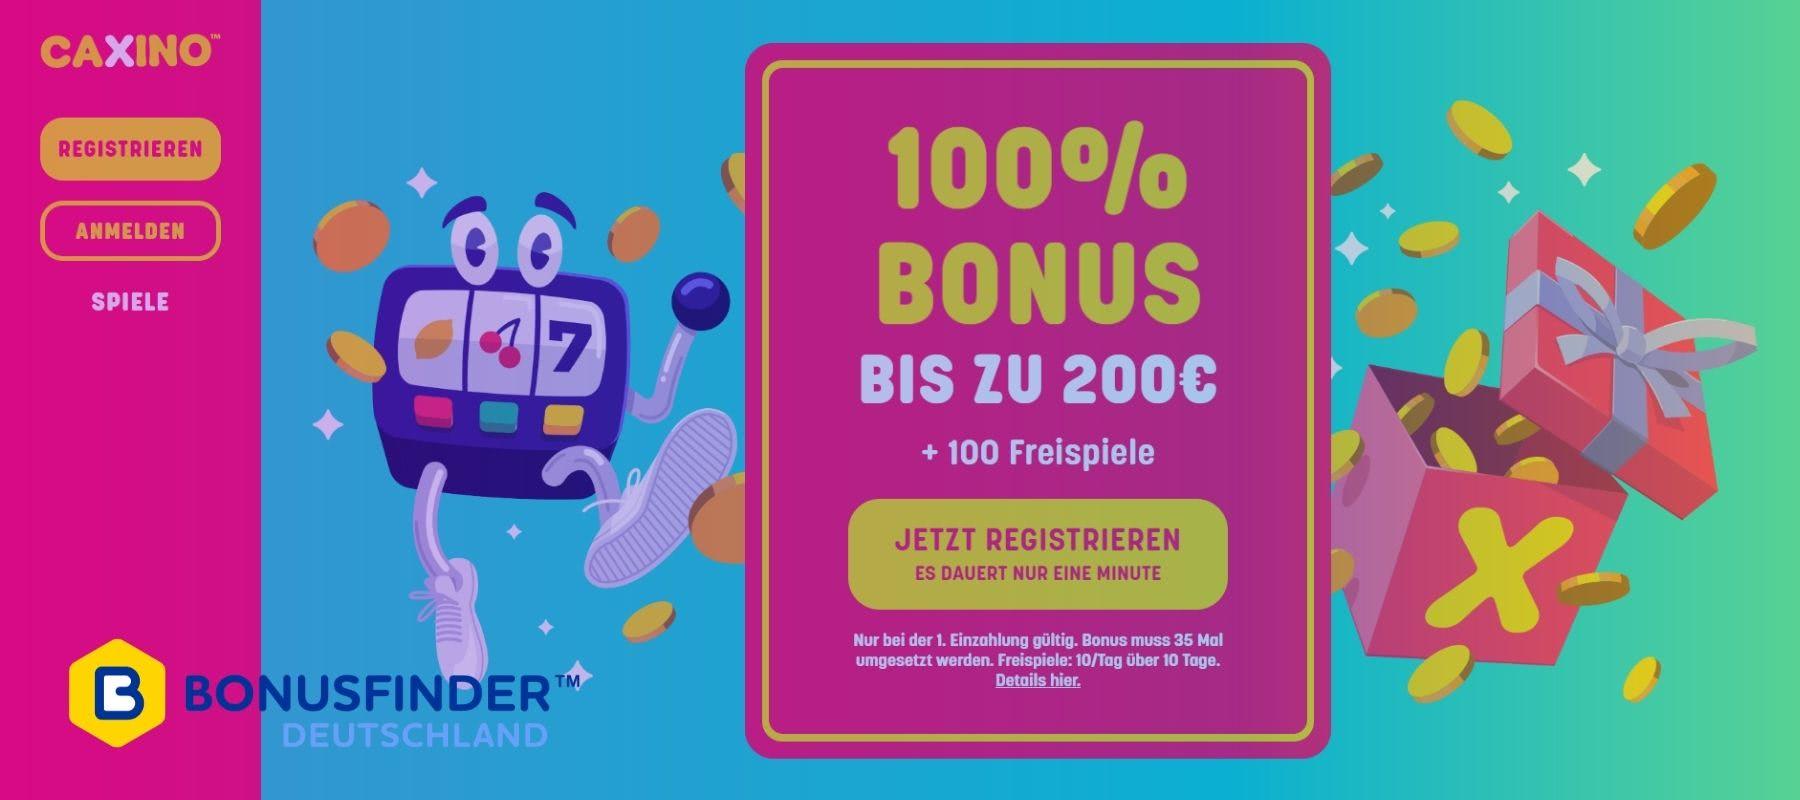 caxino casino bonus code